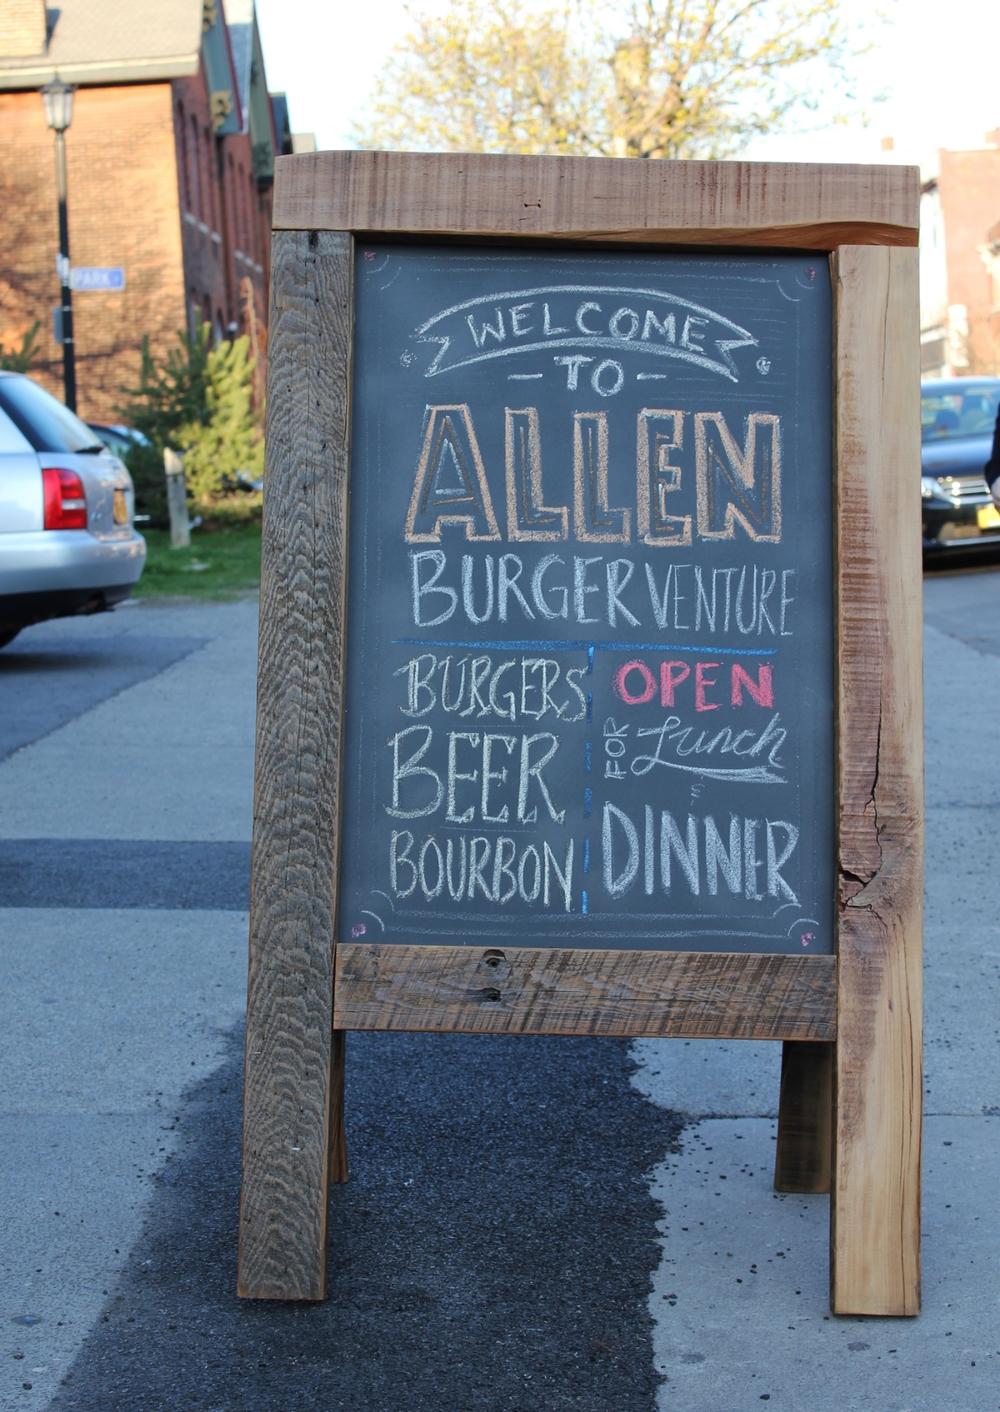 Allen Burger Venture